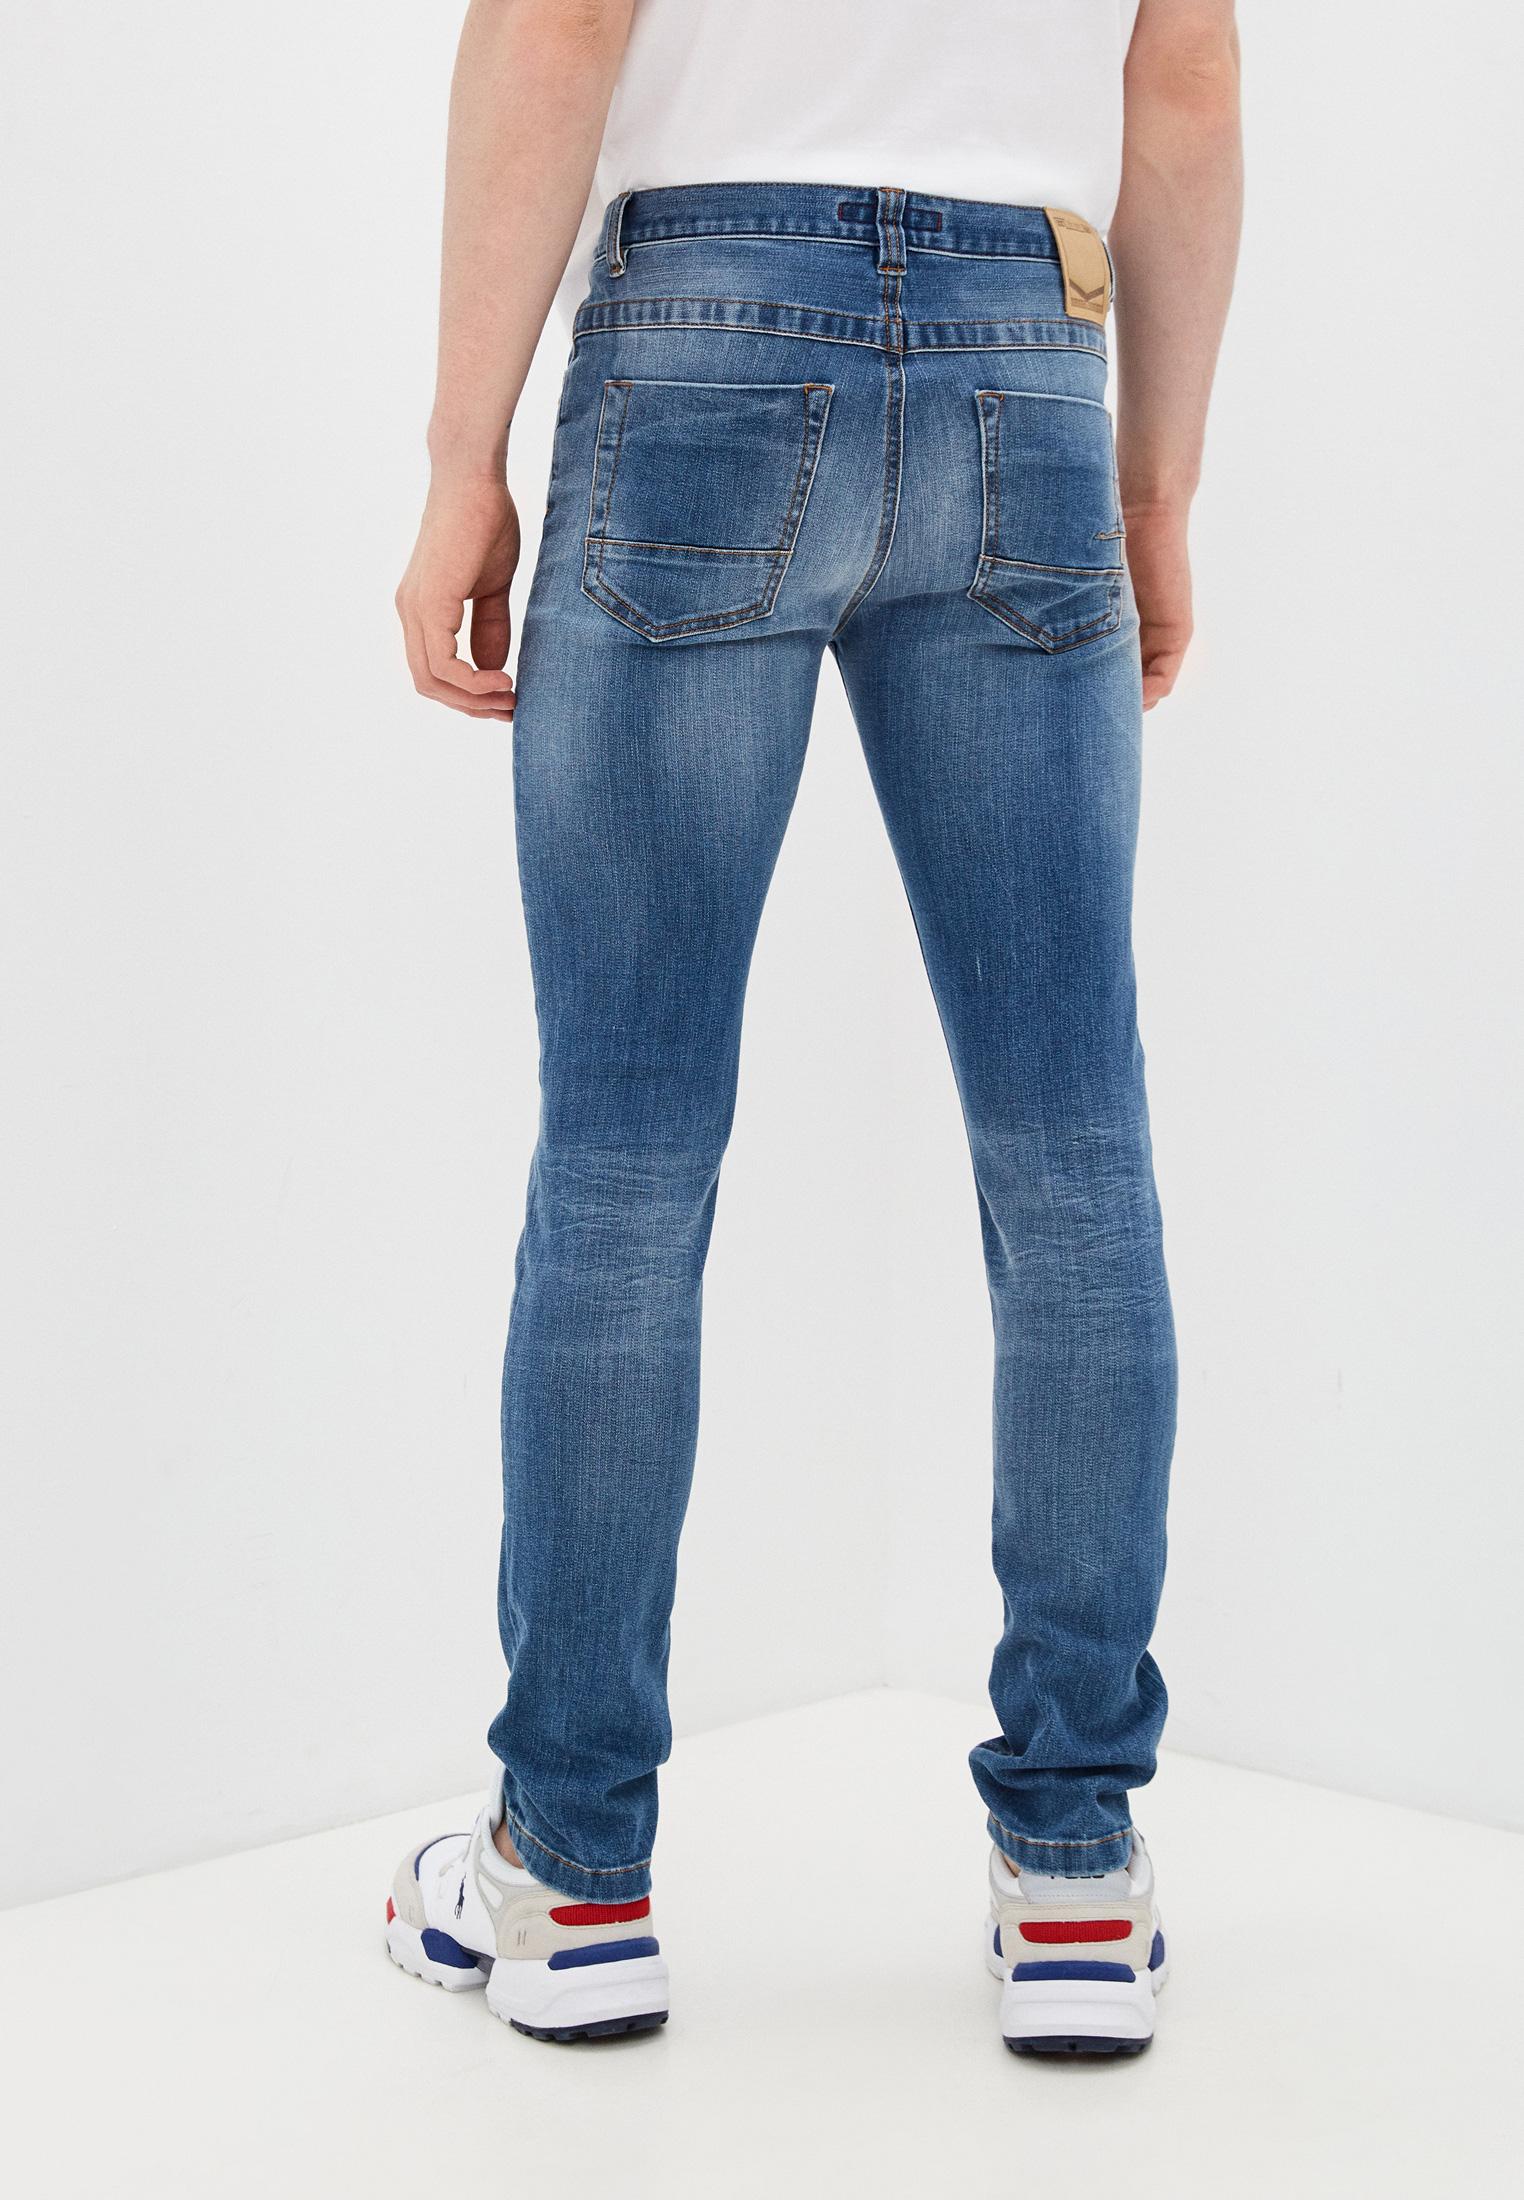 Мужские зауженные джинсы Bikkembergs (Биккембергс) C Q 101 00 S 3181: изображение 9